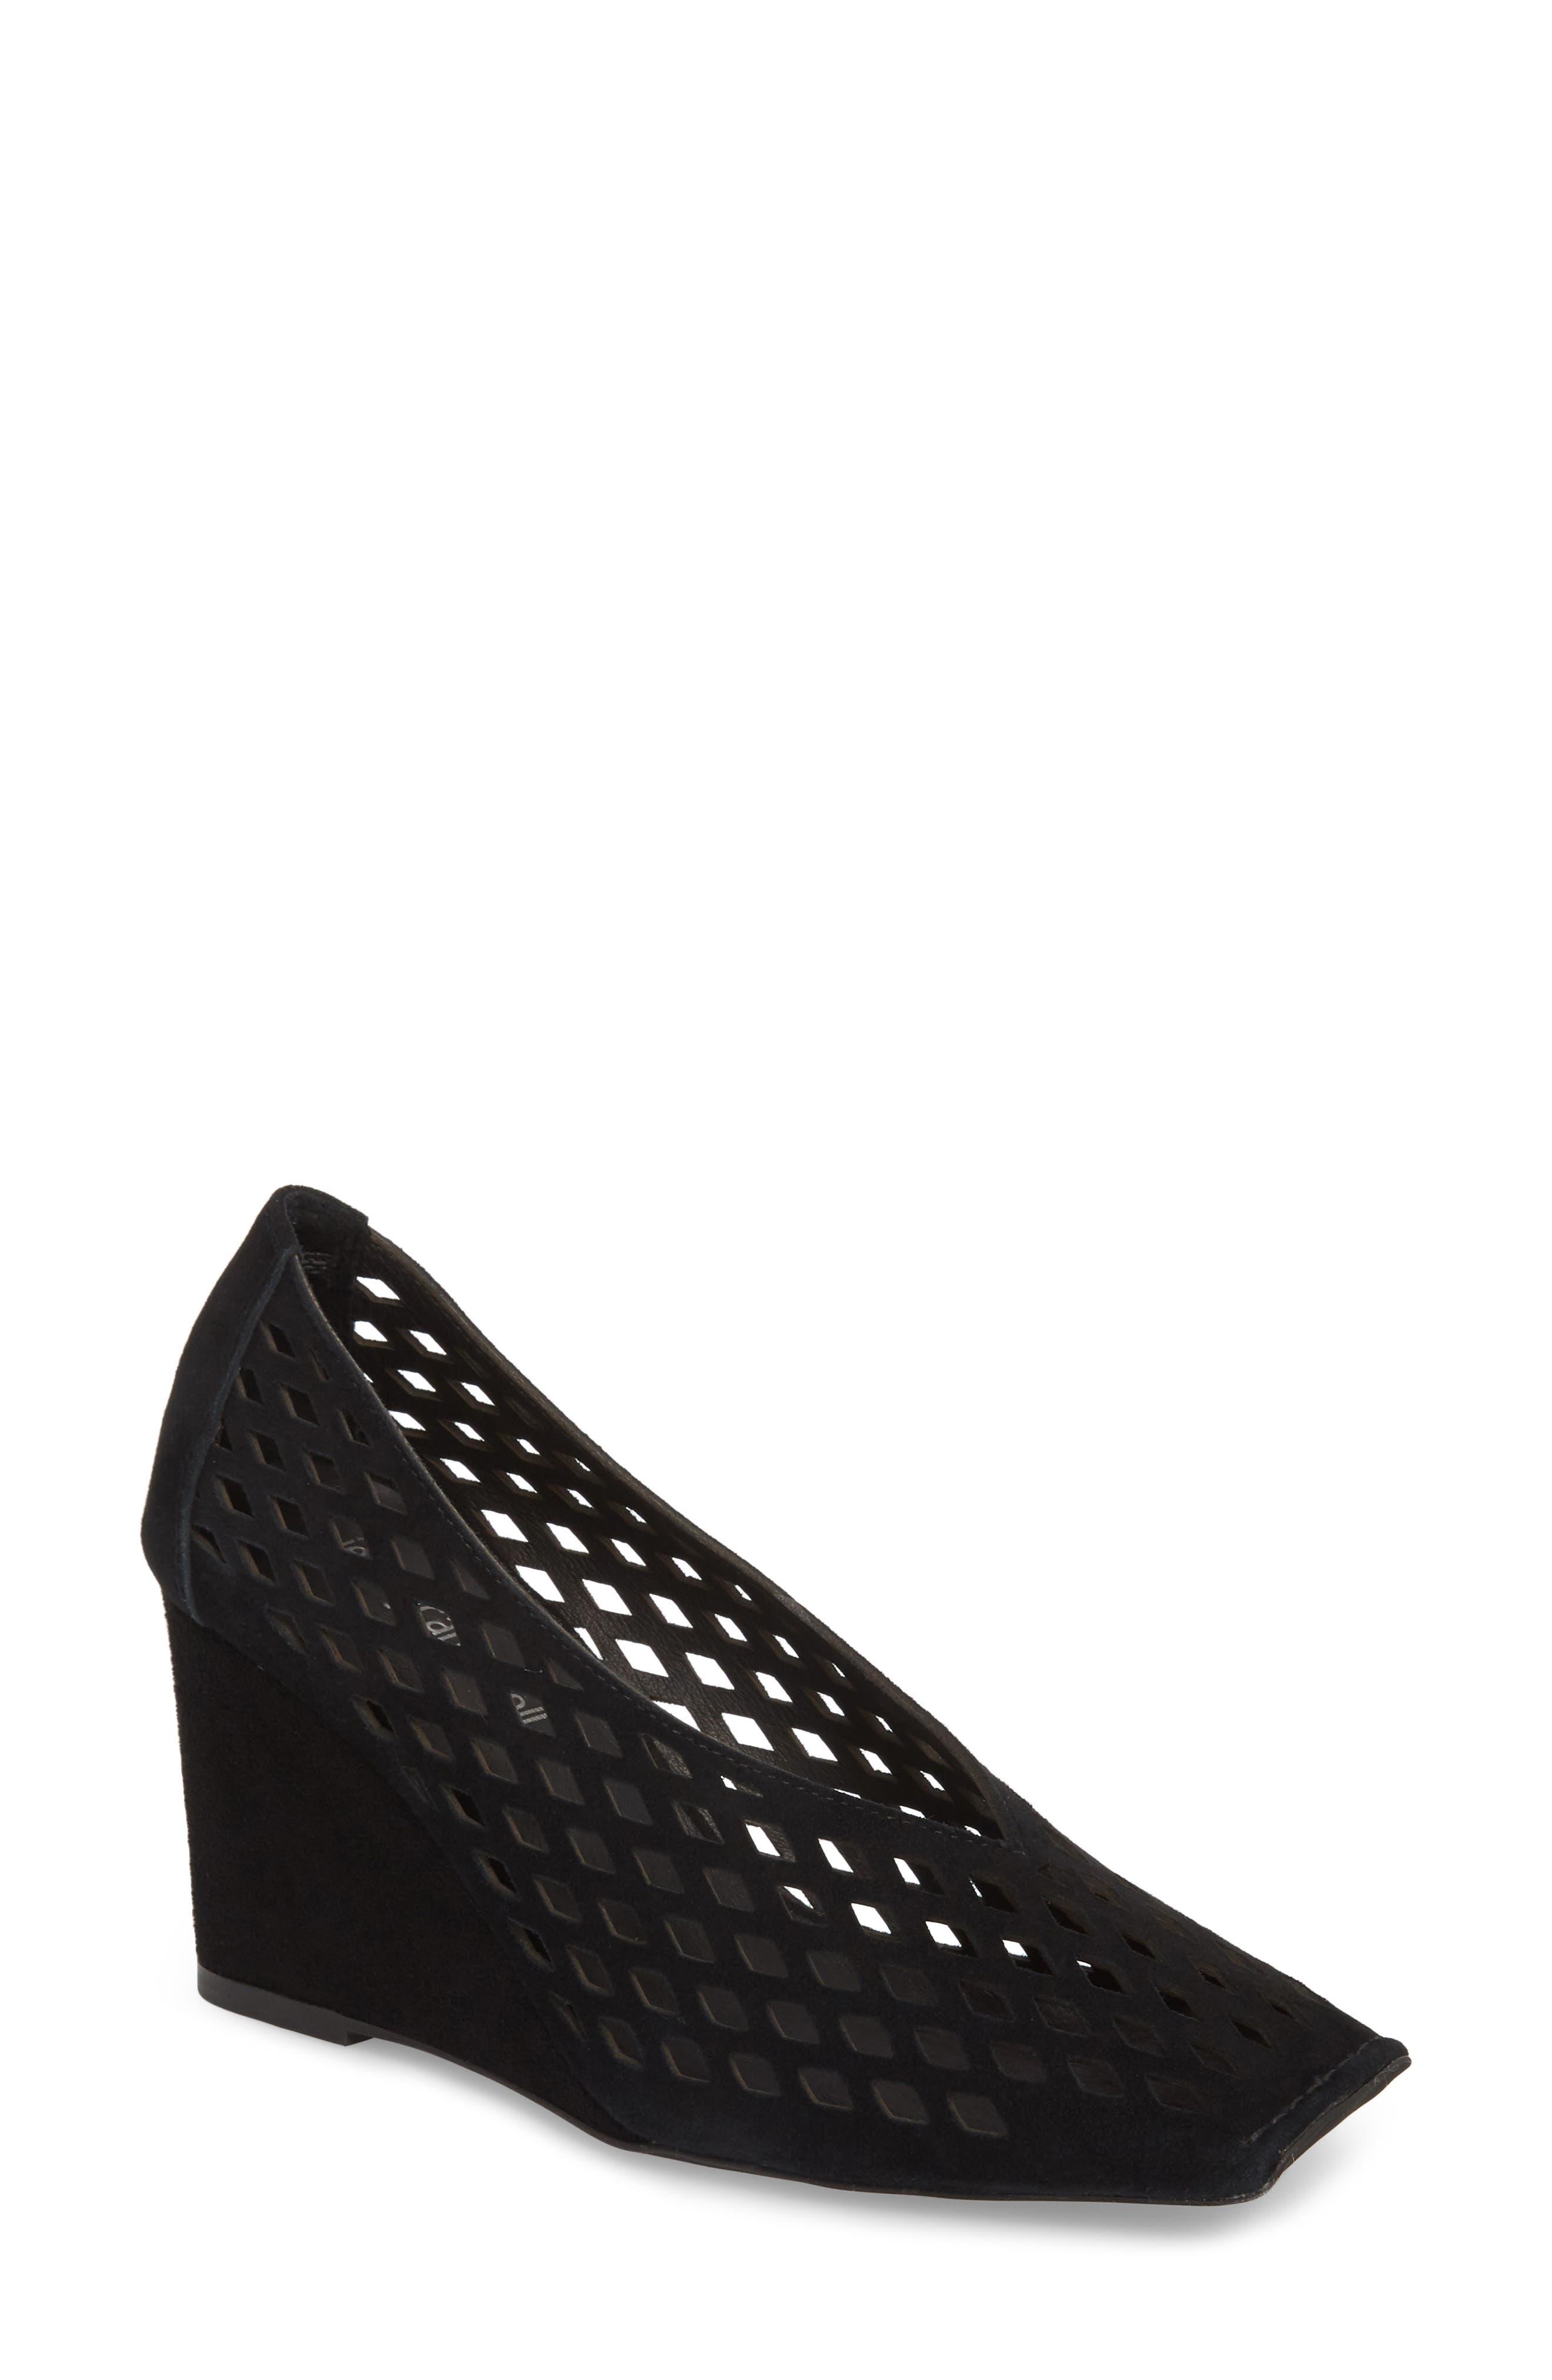 Vanira Perforated Wedge,                             Main thumbnail 1, color,                             Black Suede